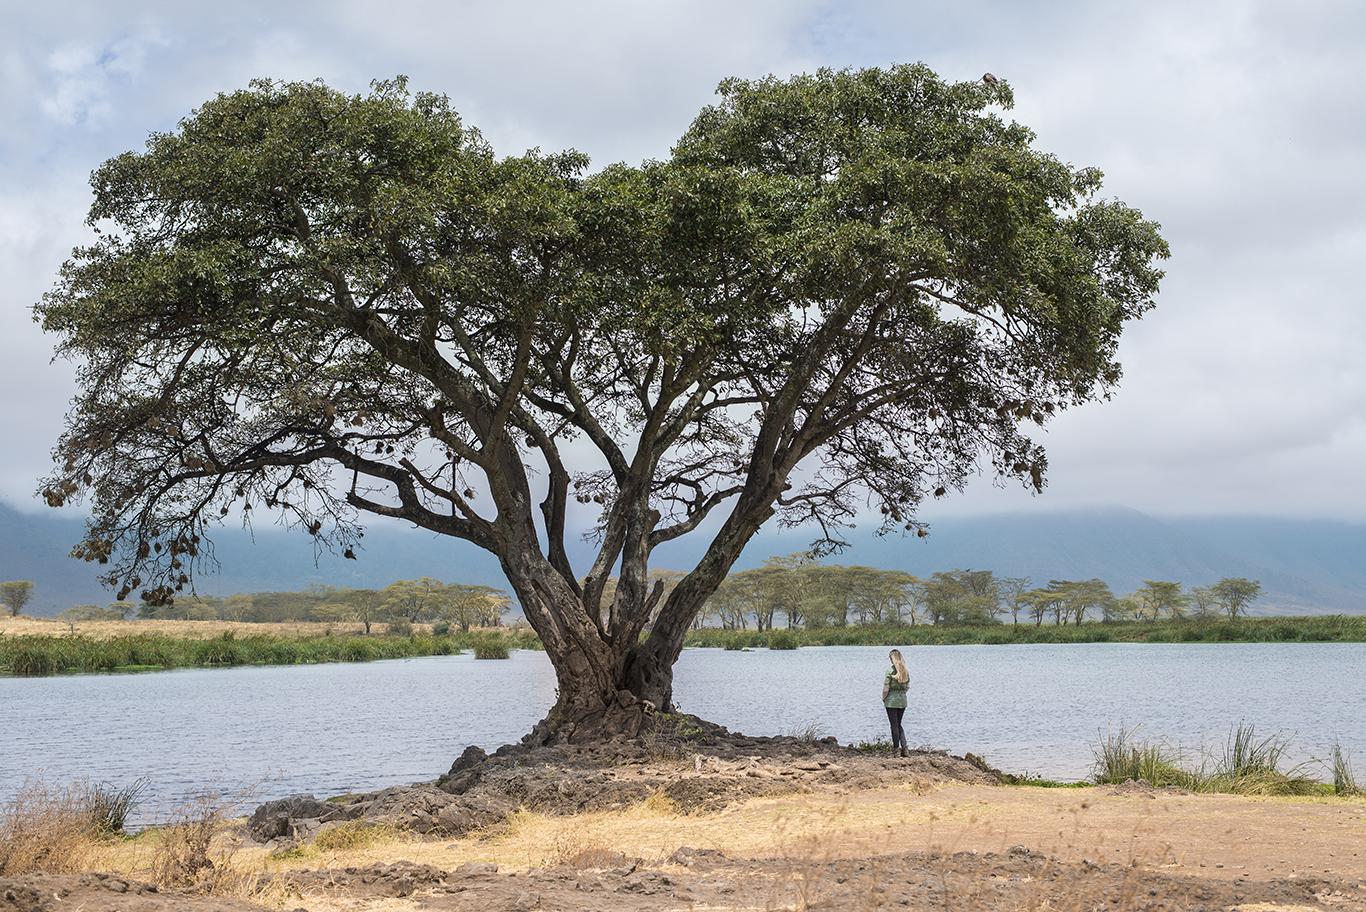 Tanzânia - Ngorongoro